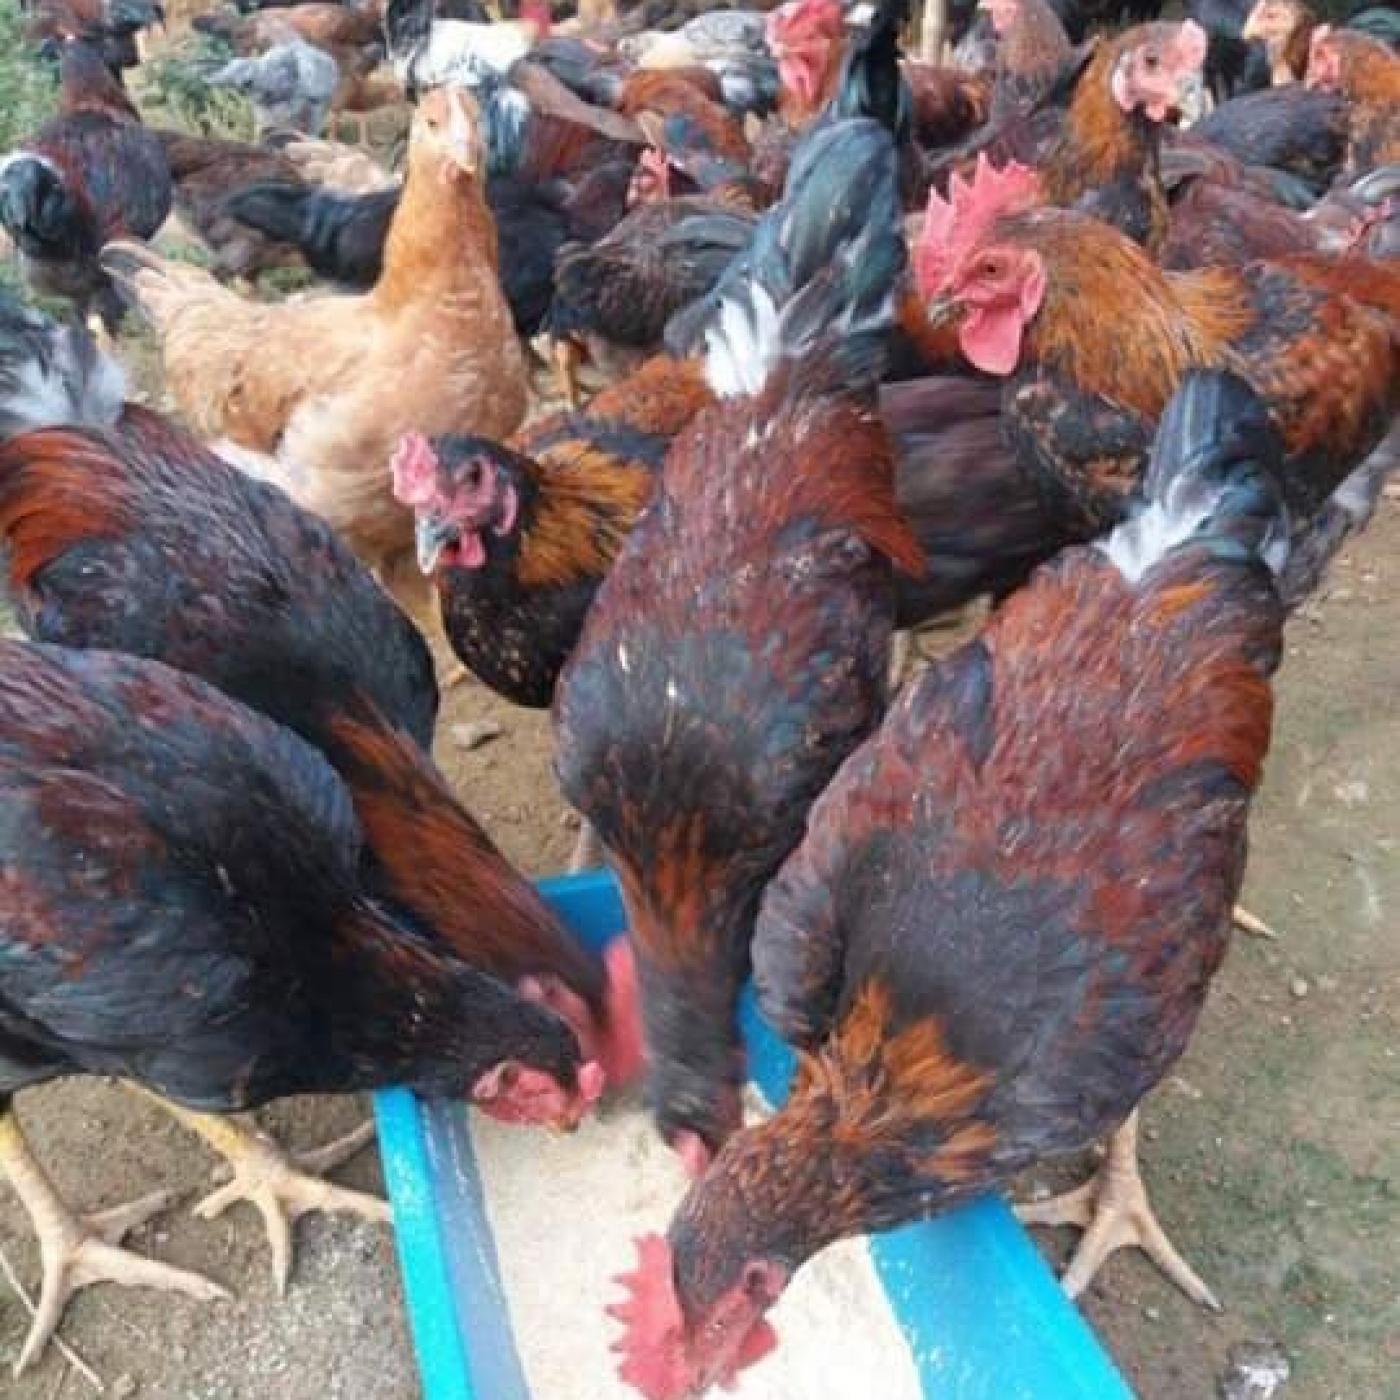 Gà chạy bộ là một đơn vị chuyên cung cấp gà chọi thịt uy tín.